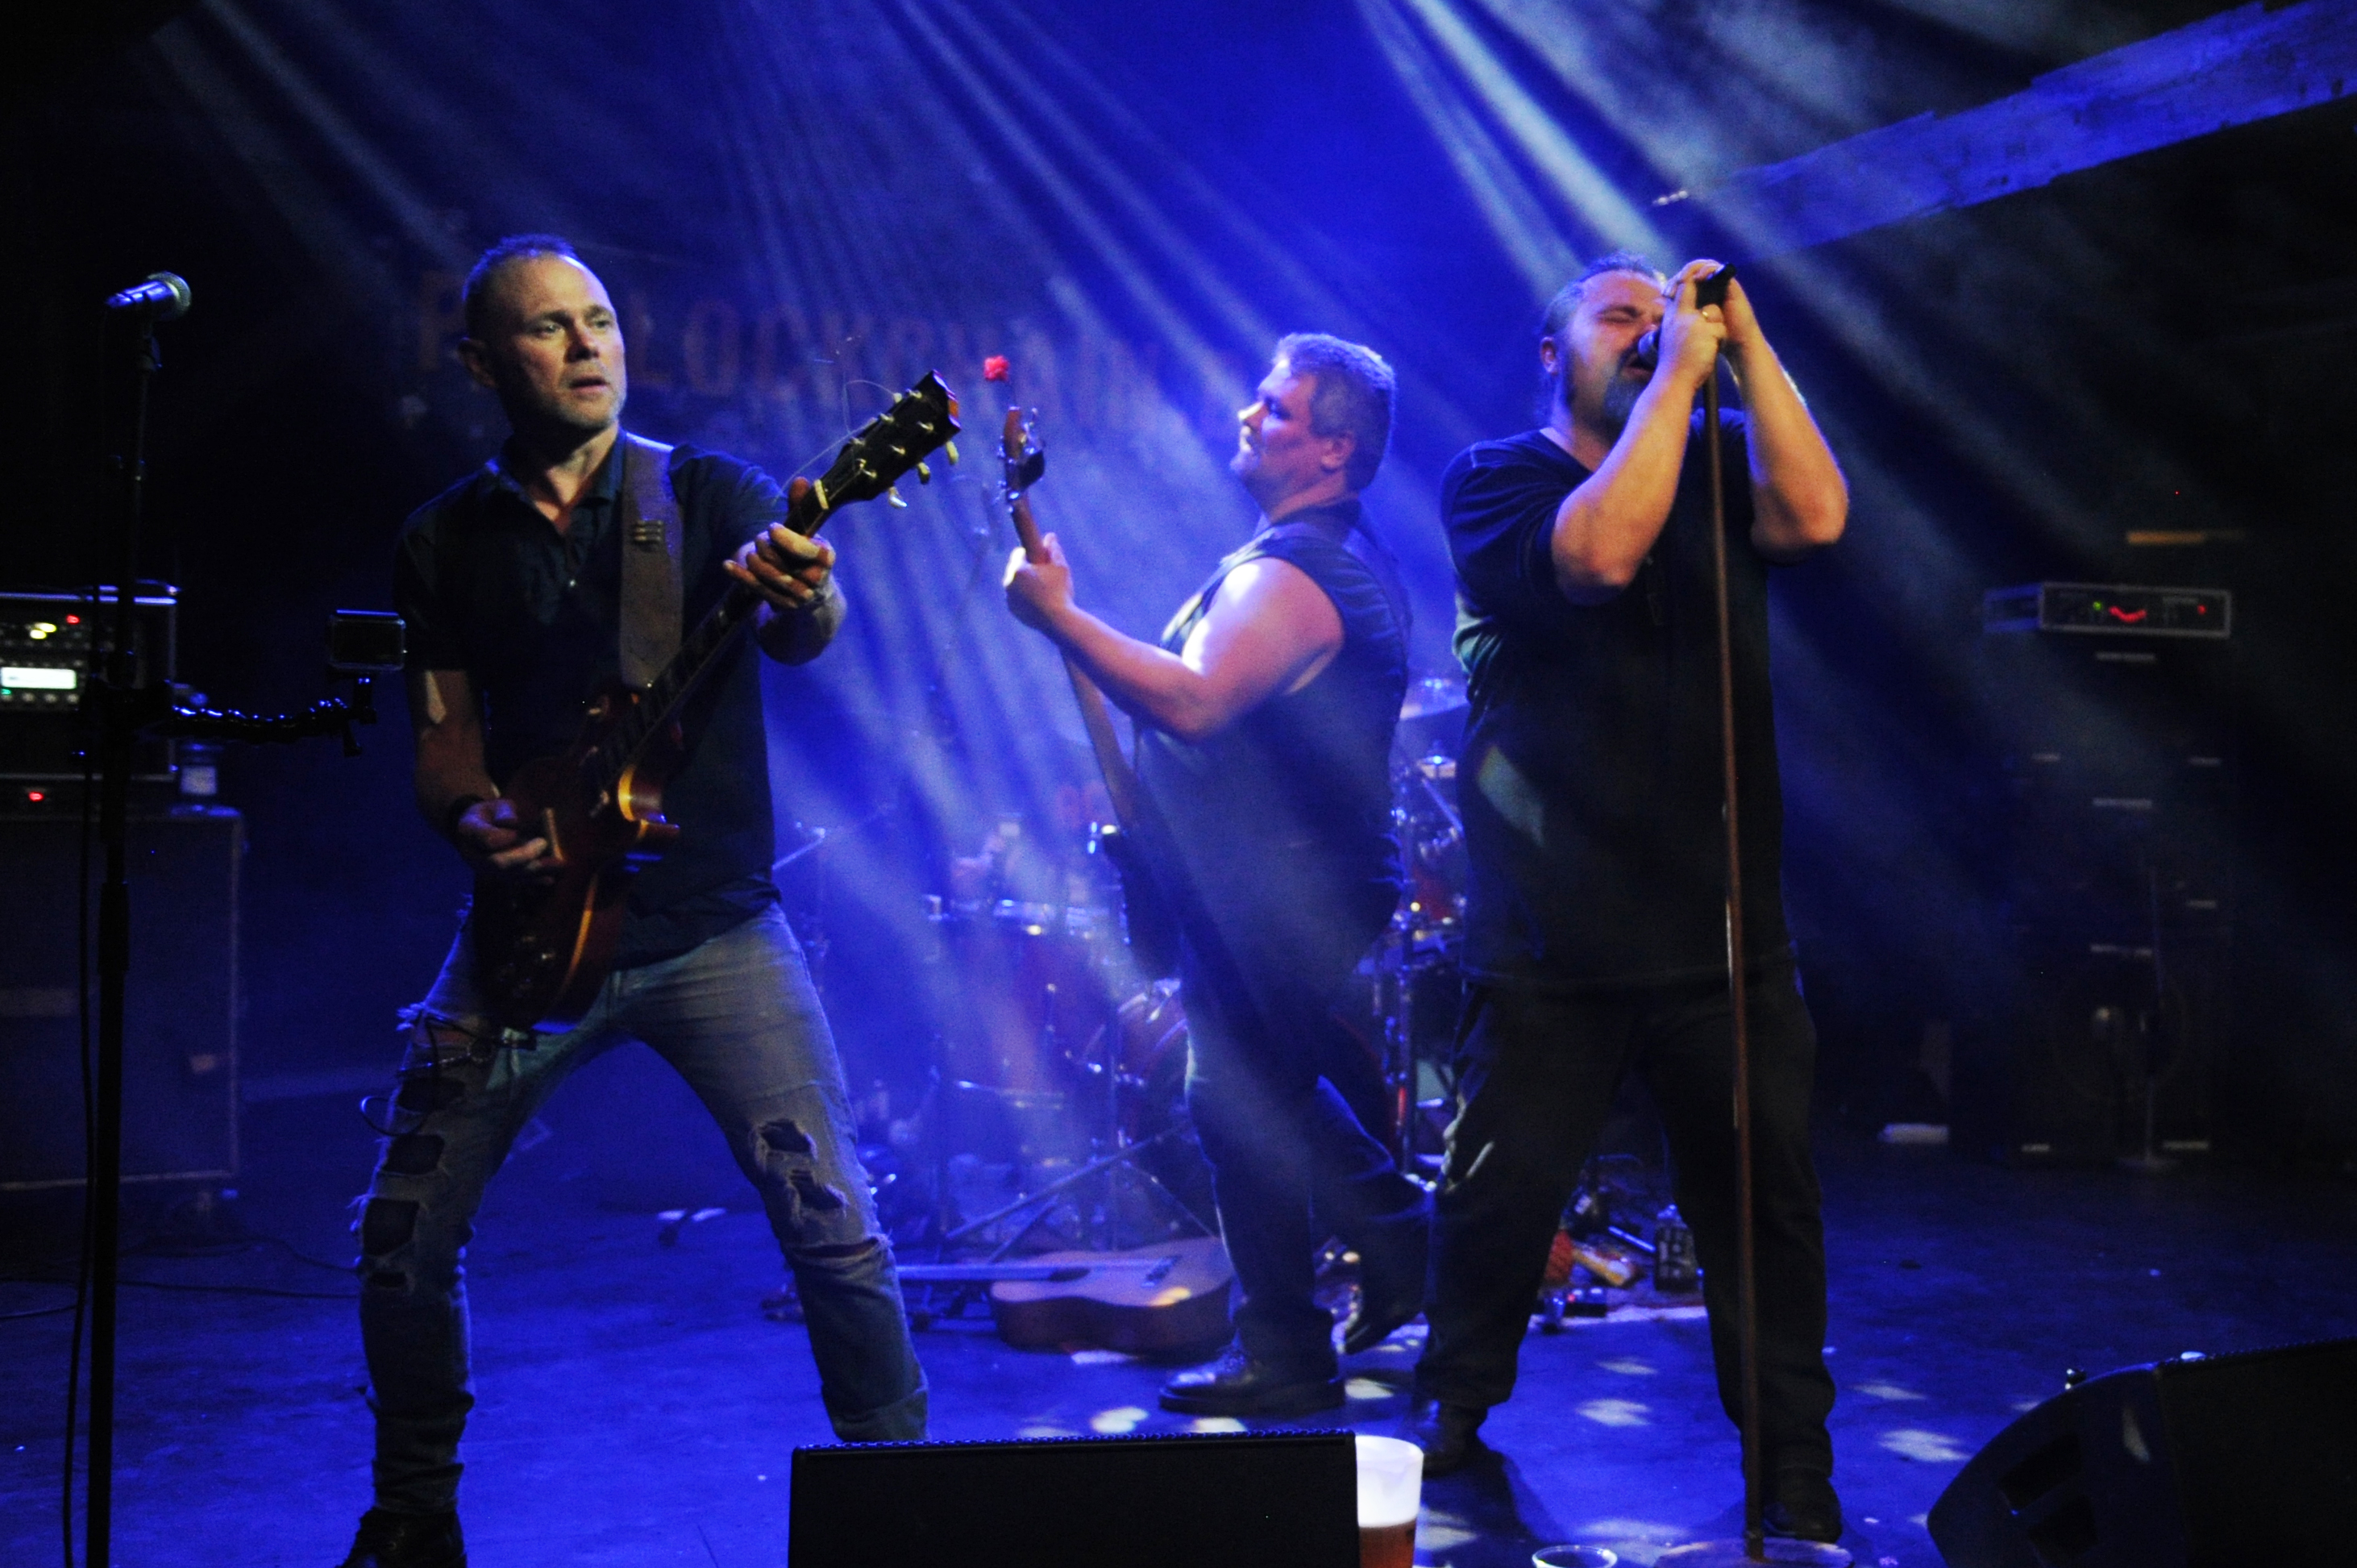 Folkekrav om nyt Padlock Chain-show